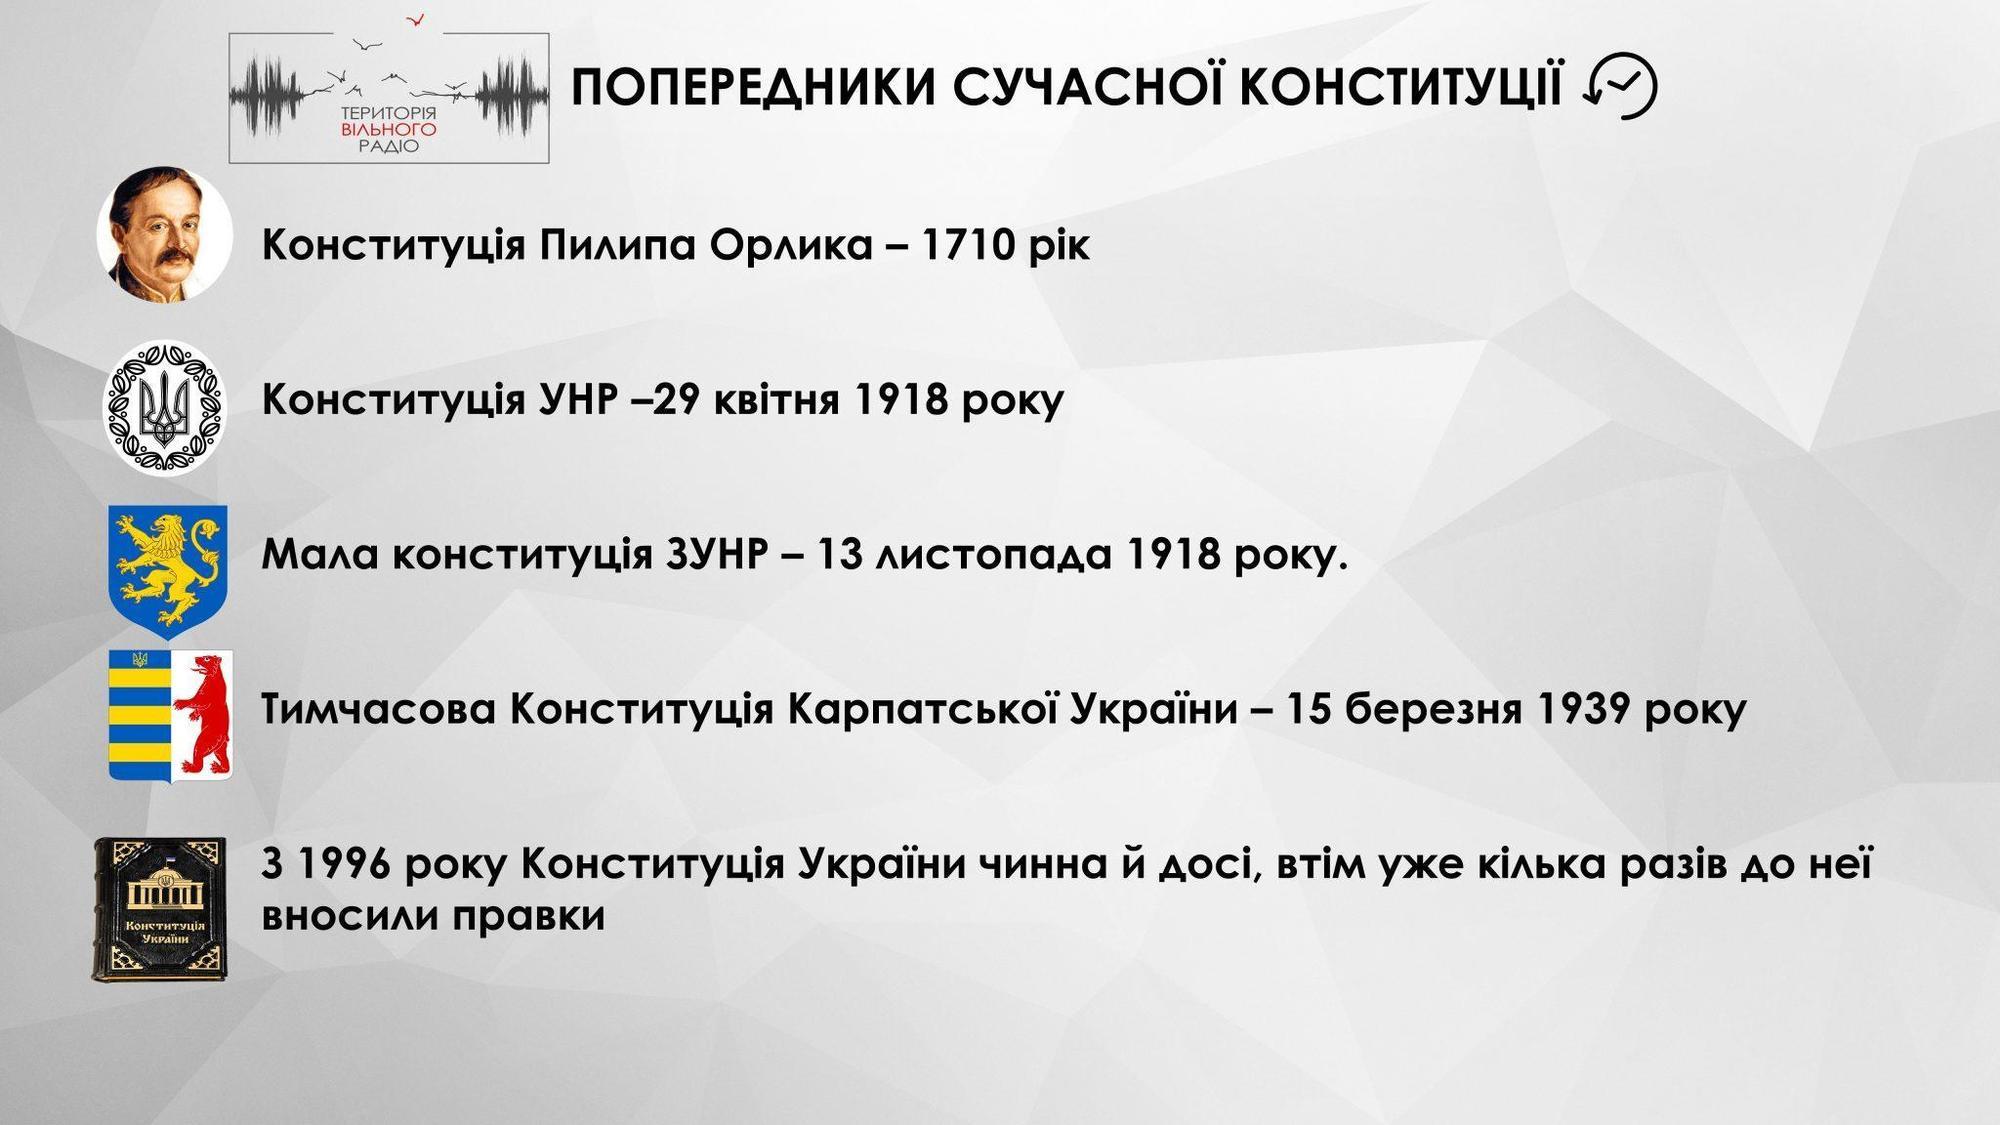 Від Конституції Пилипа Орлика до сучасного варіанту: в Україні відзначають День Конституції